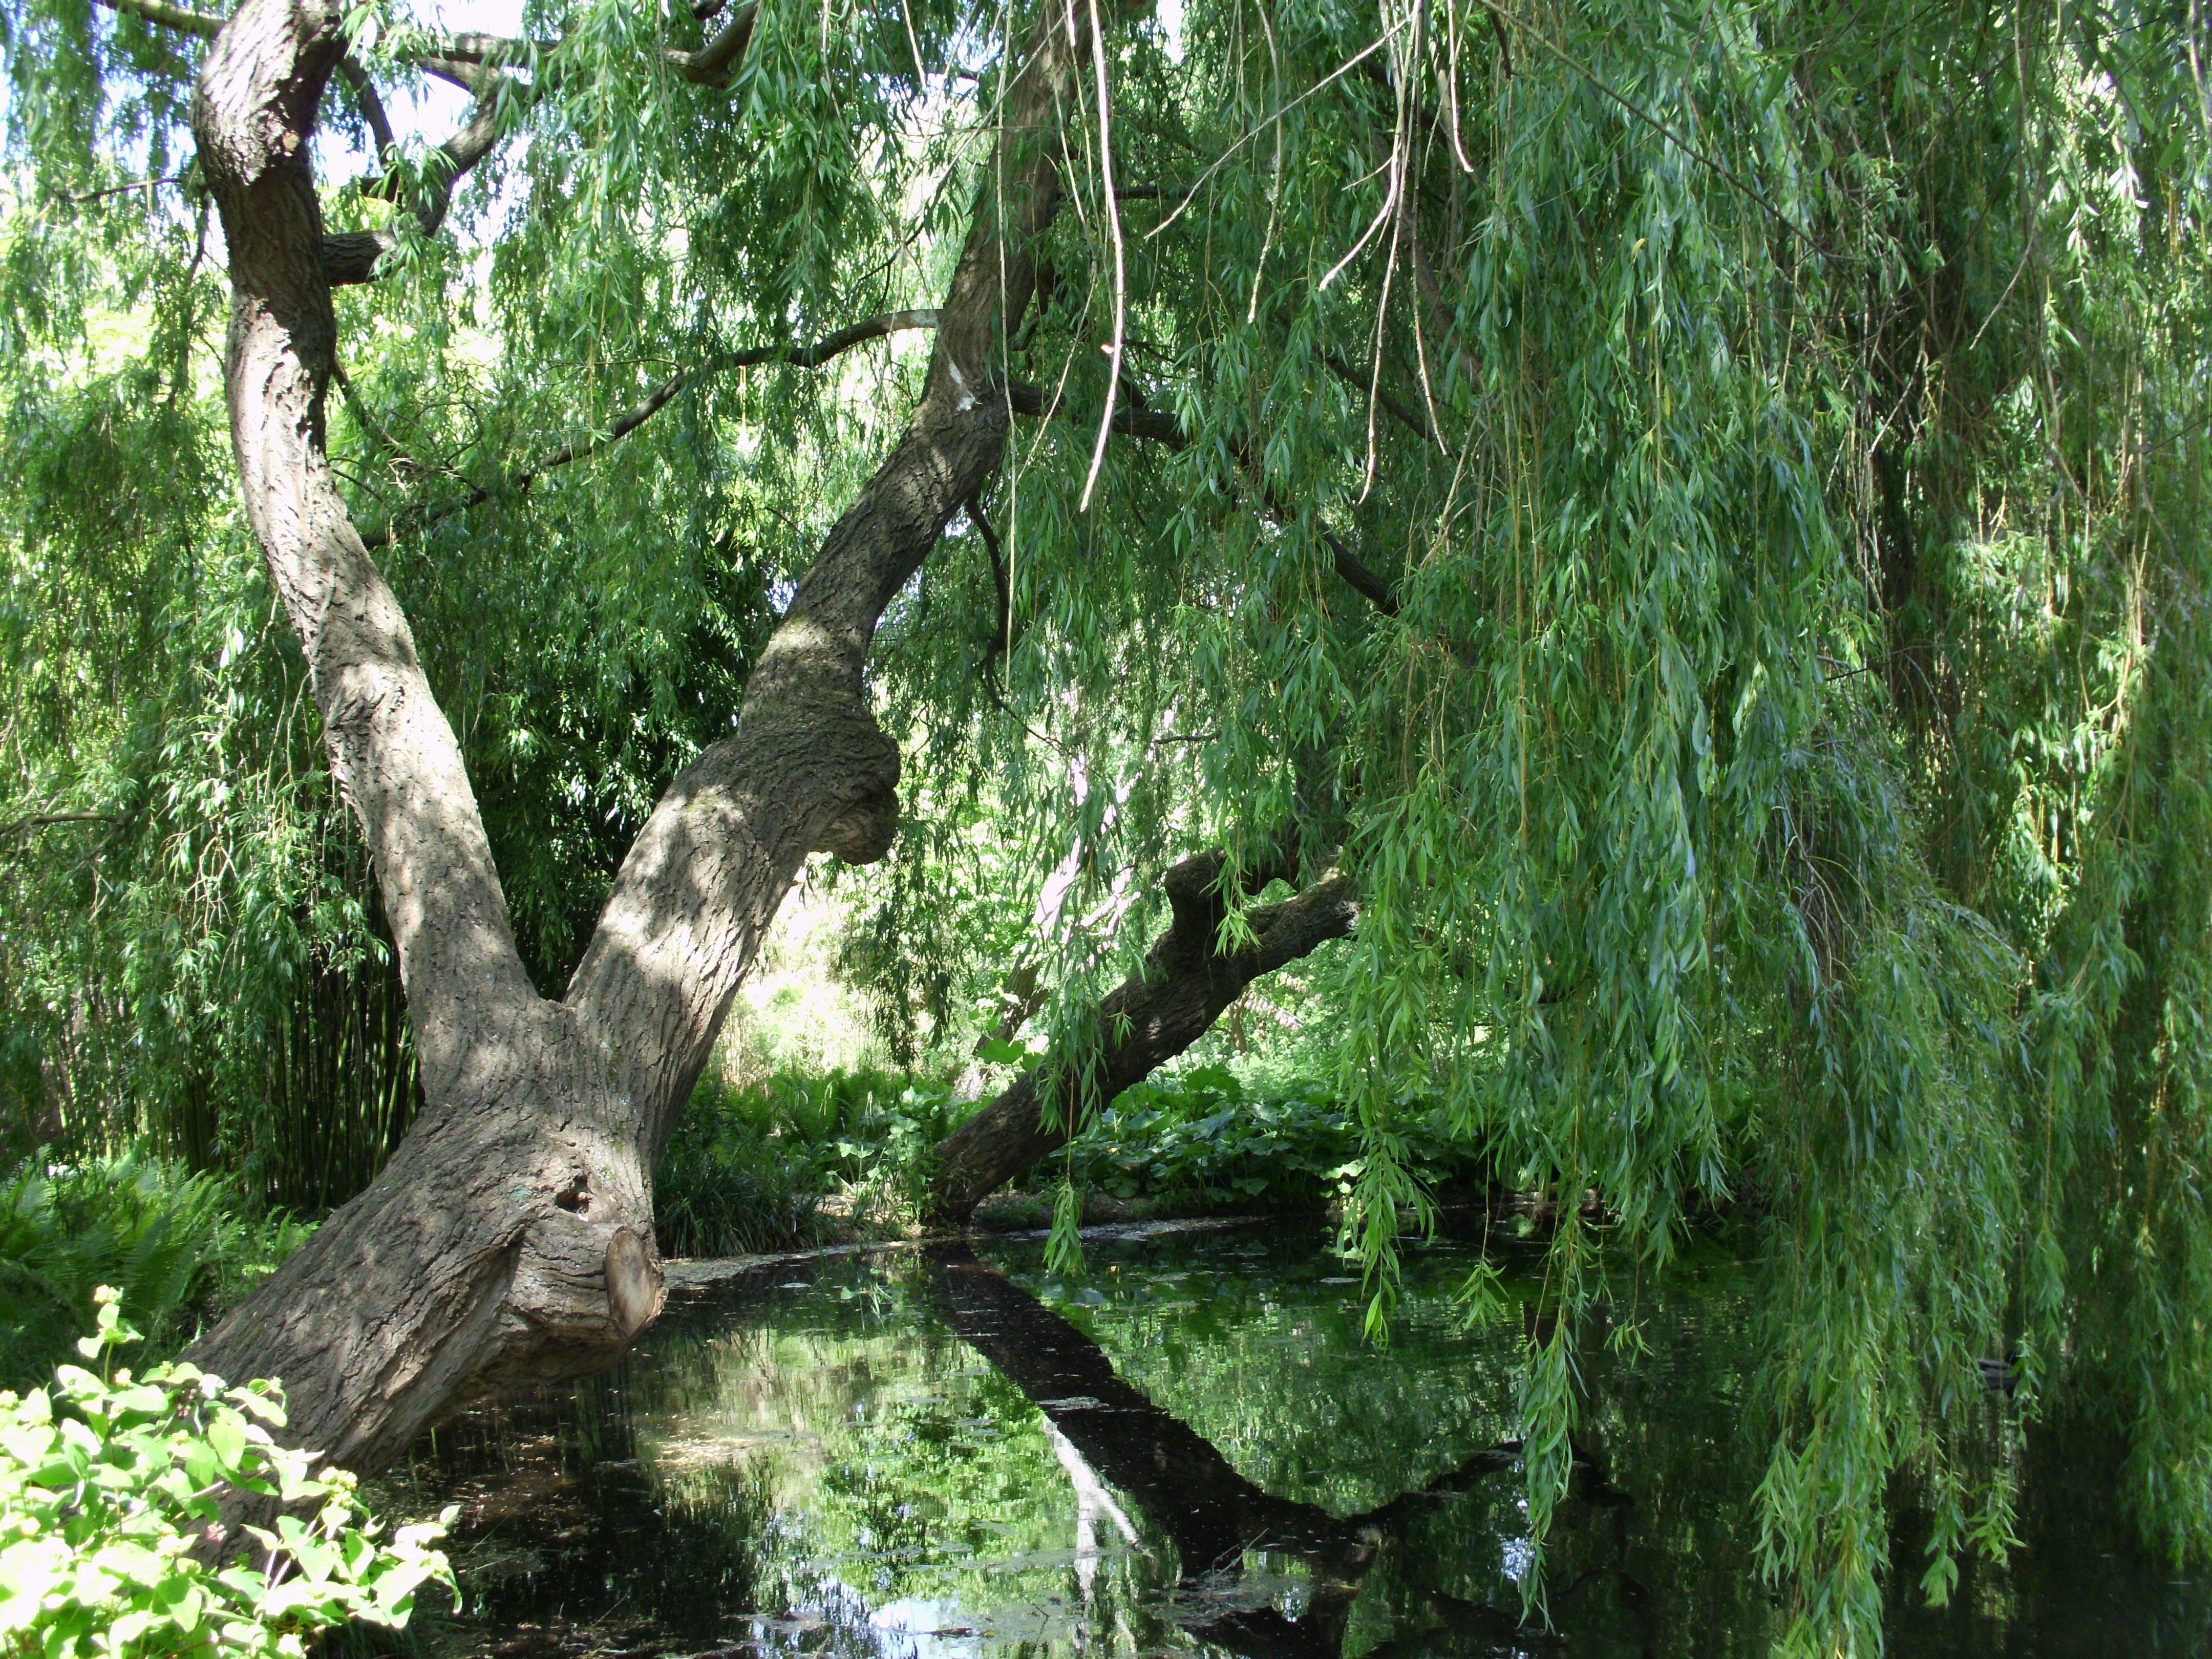 Free stock photo of Tree at Cambridge University Botanic Garden UK